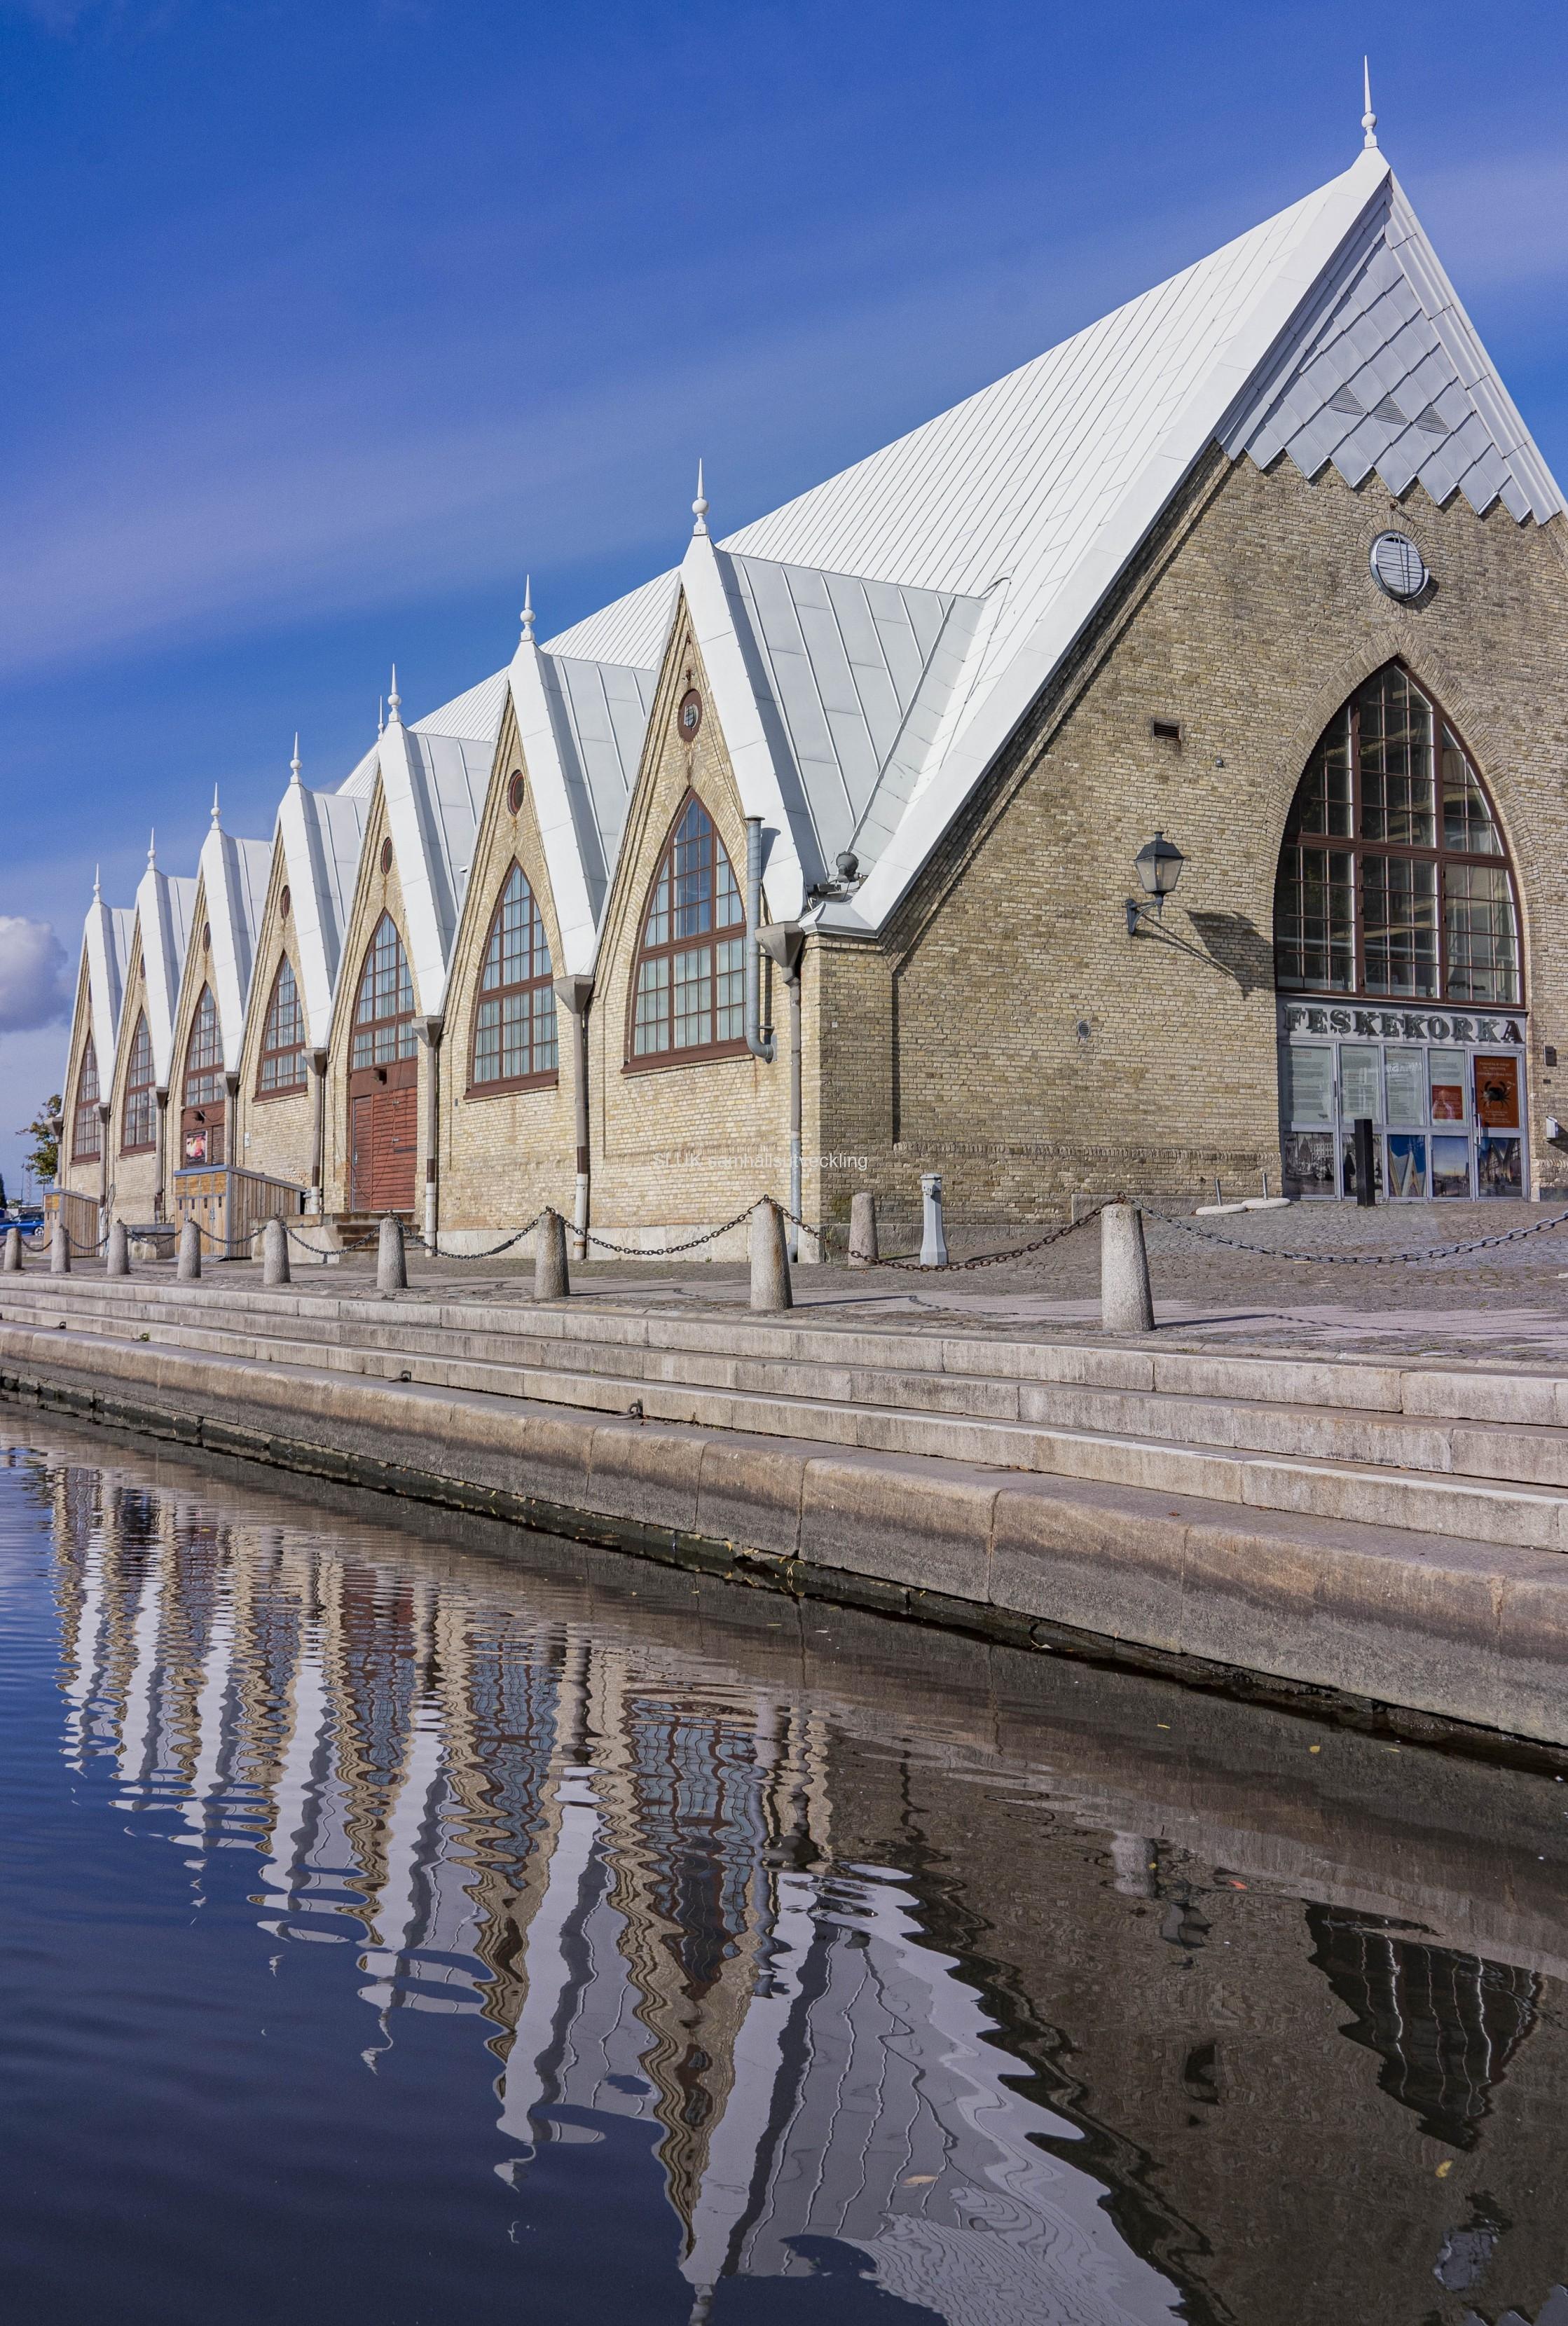 Feskekörkan är stäng för renovering fr o m den 1 september. Feskekörka byggdes år 1874 och är nu i behov av genomgripande upprustning. Den öppnas åter 2023.